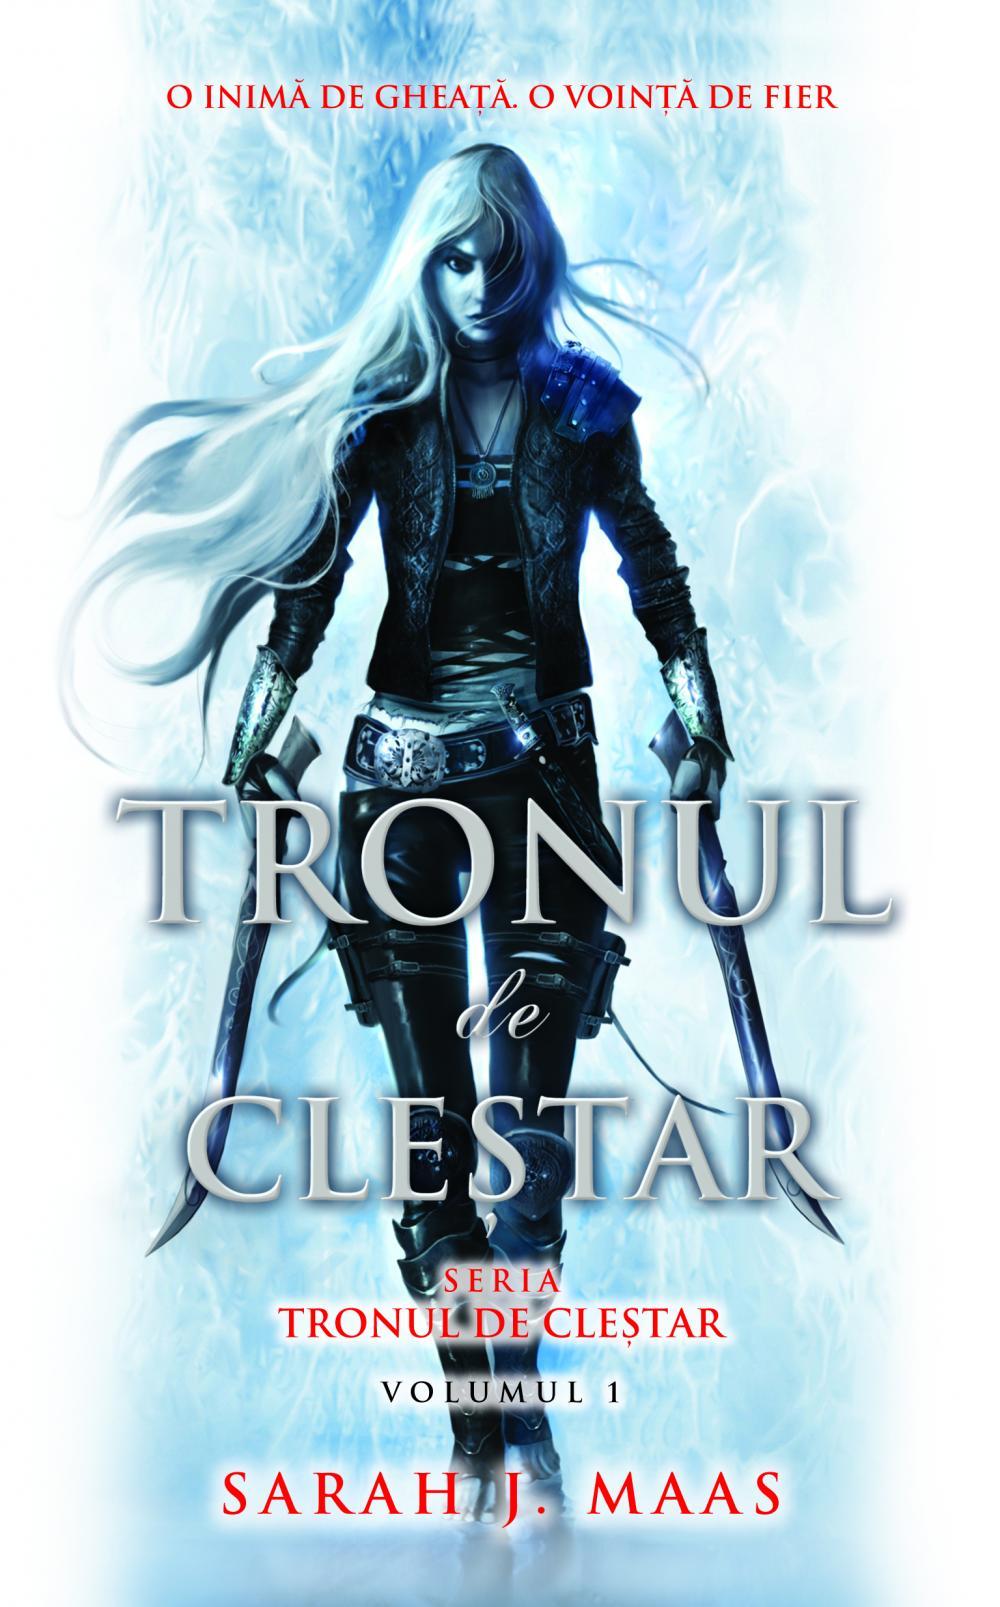 TRONUL DE CLESTAR